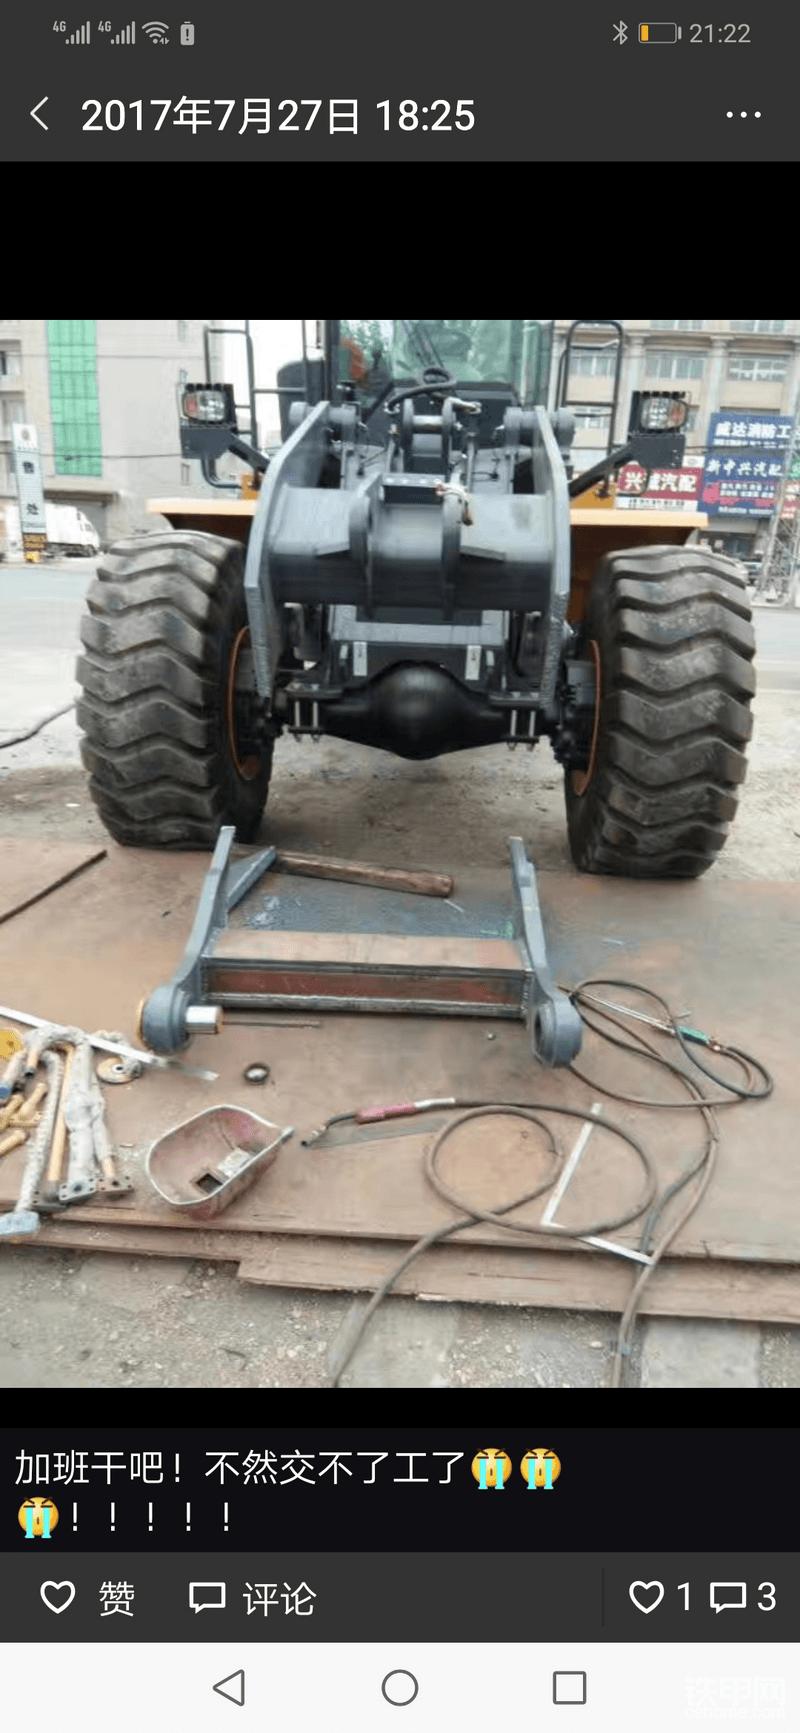 然后把动臂缩短,焊接横梁加固